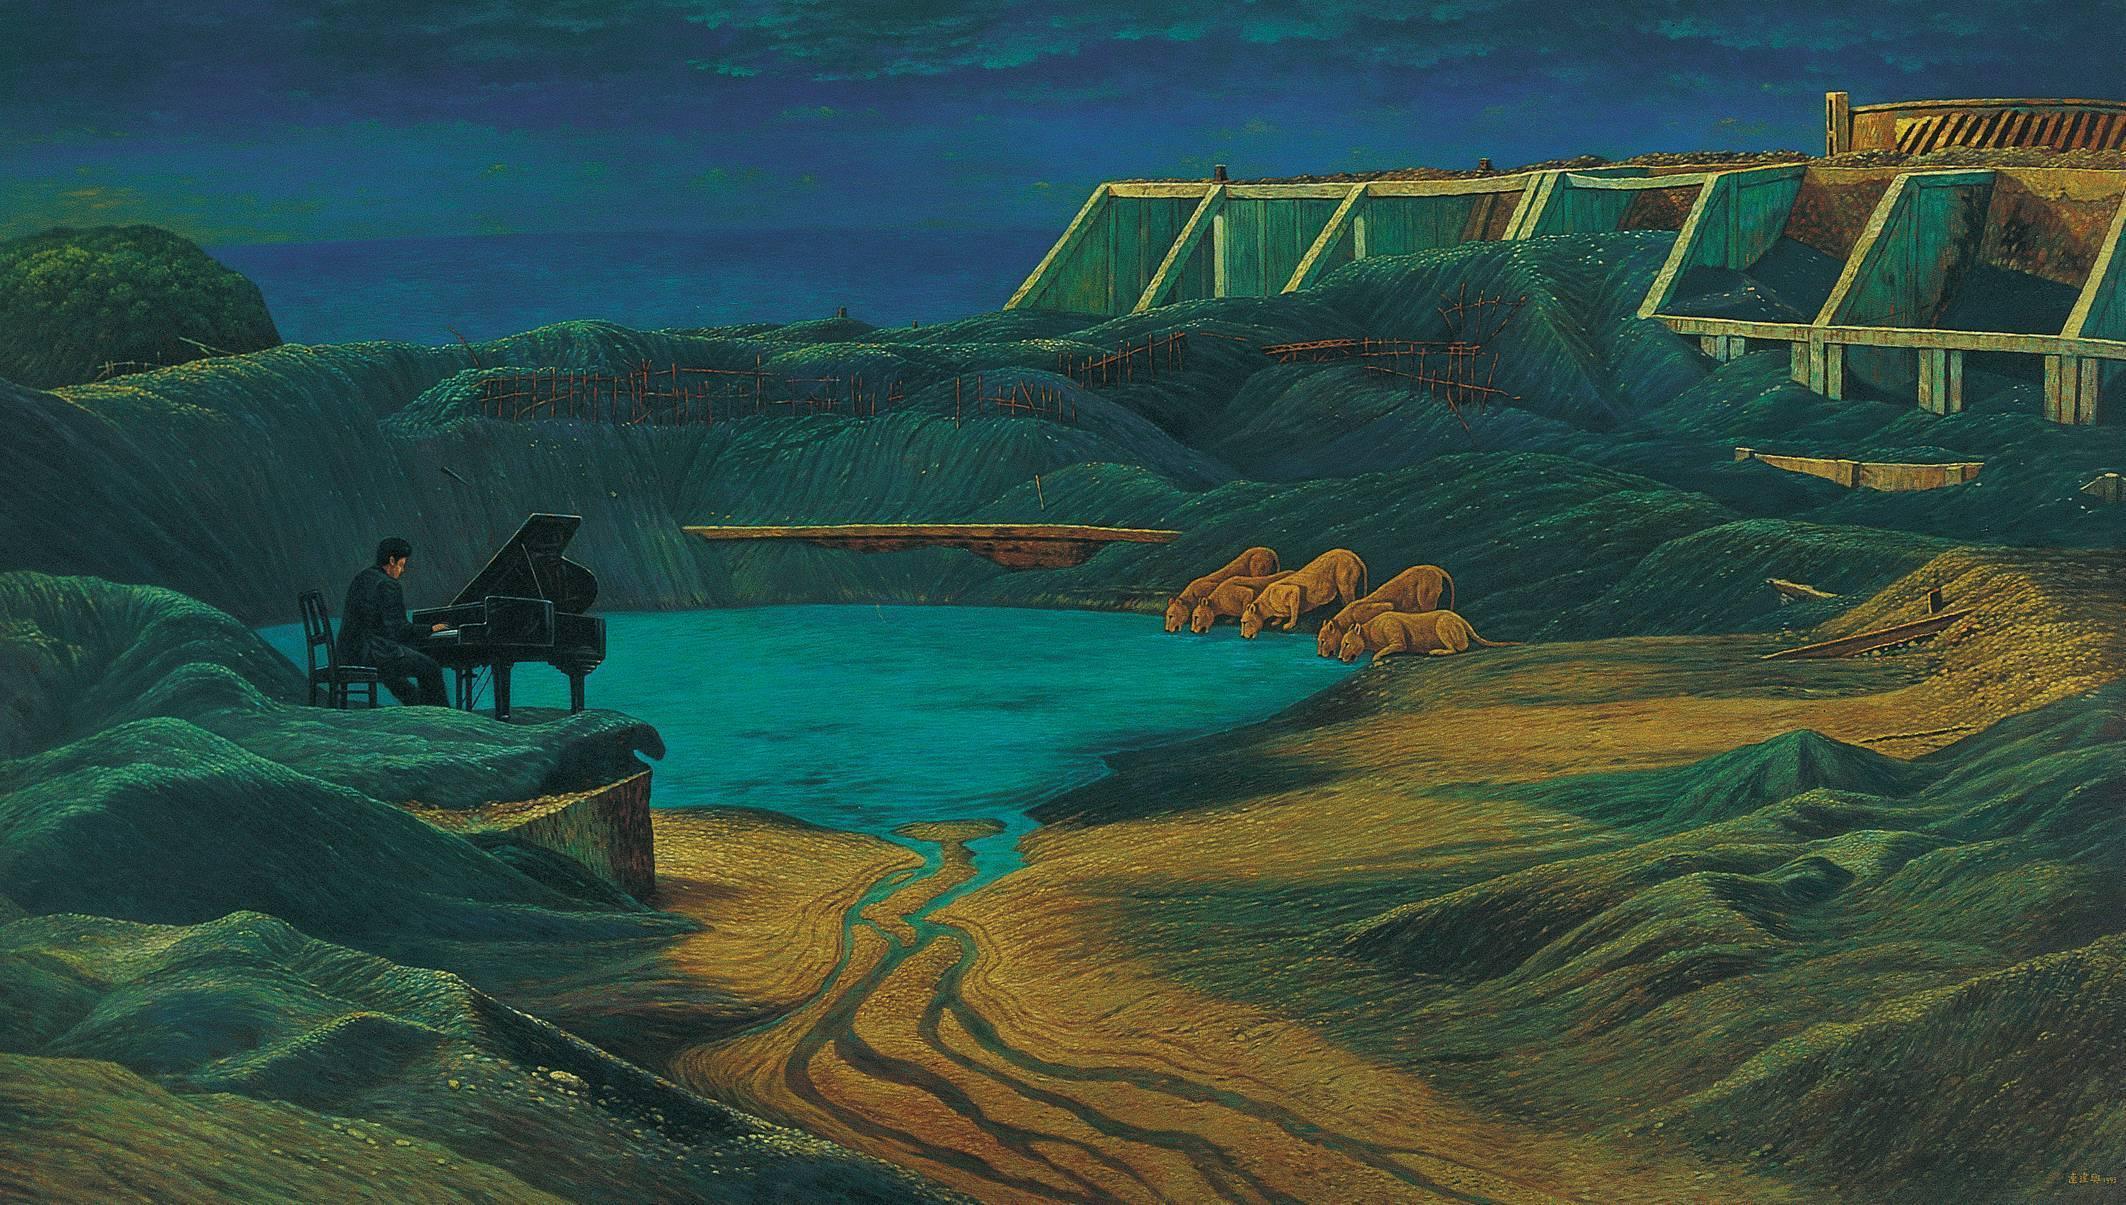 連建興 甘蜜湖畔的早唱 1995 油彩 135x234cm